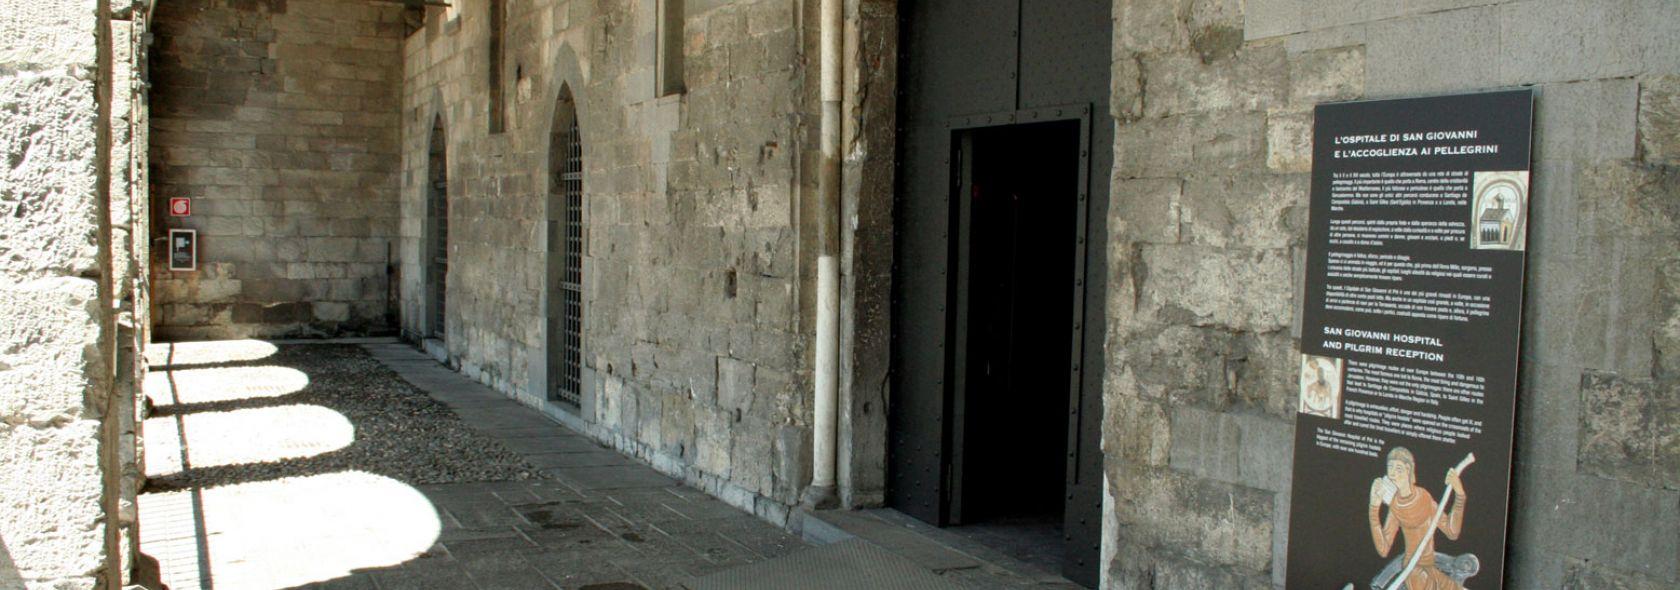 Commenda di San Giovanni di Pré - interno